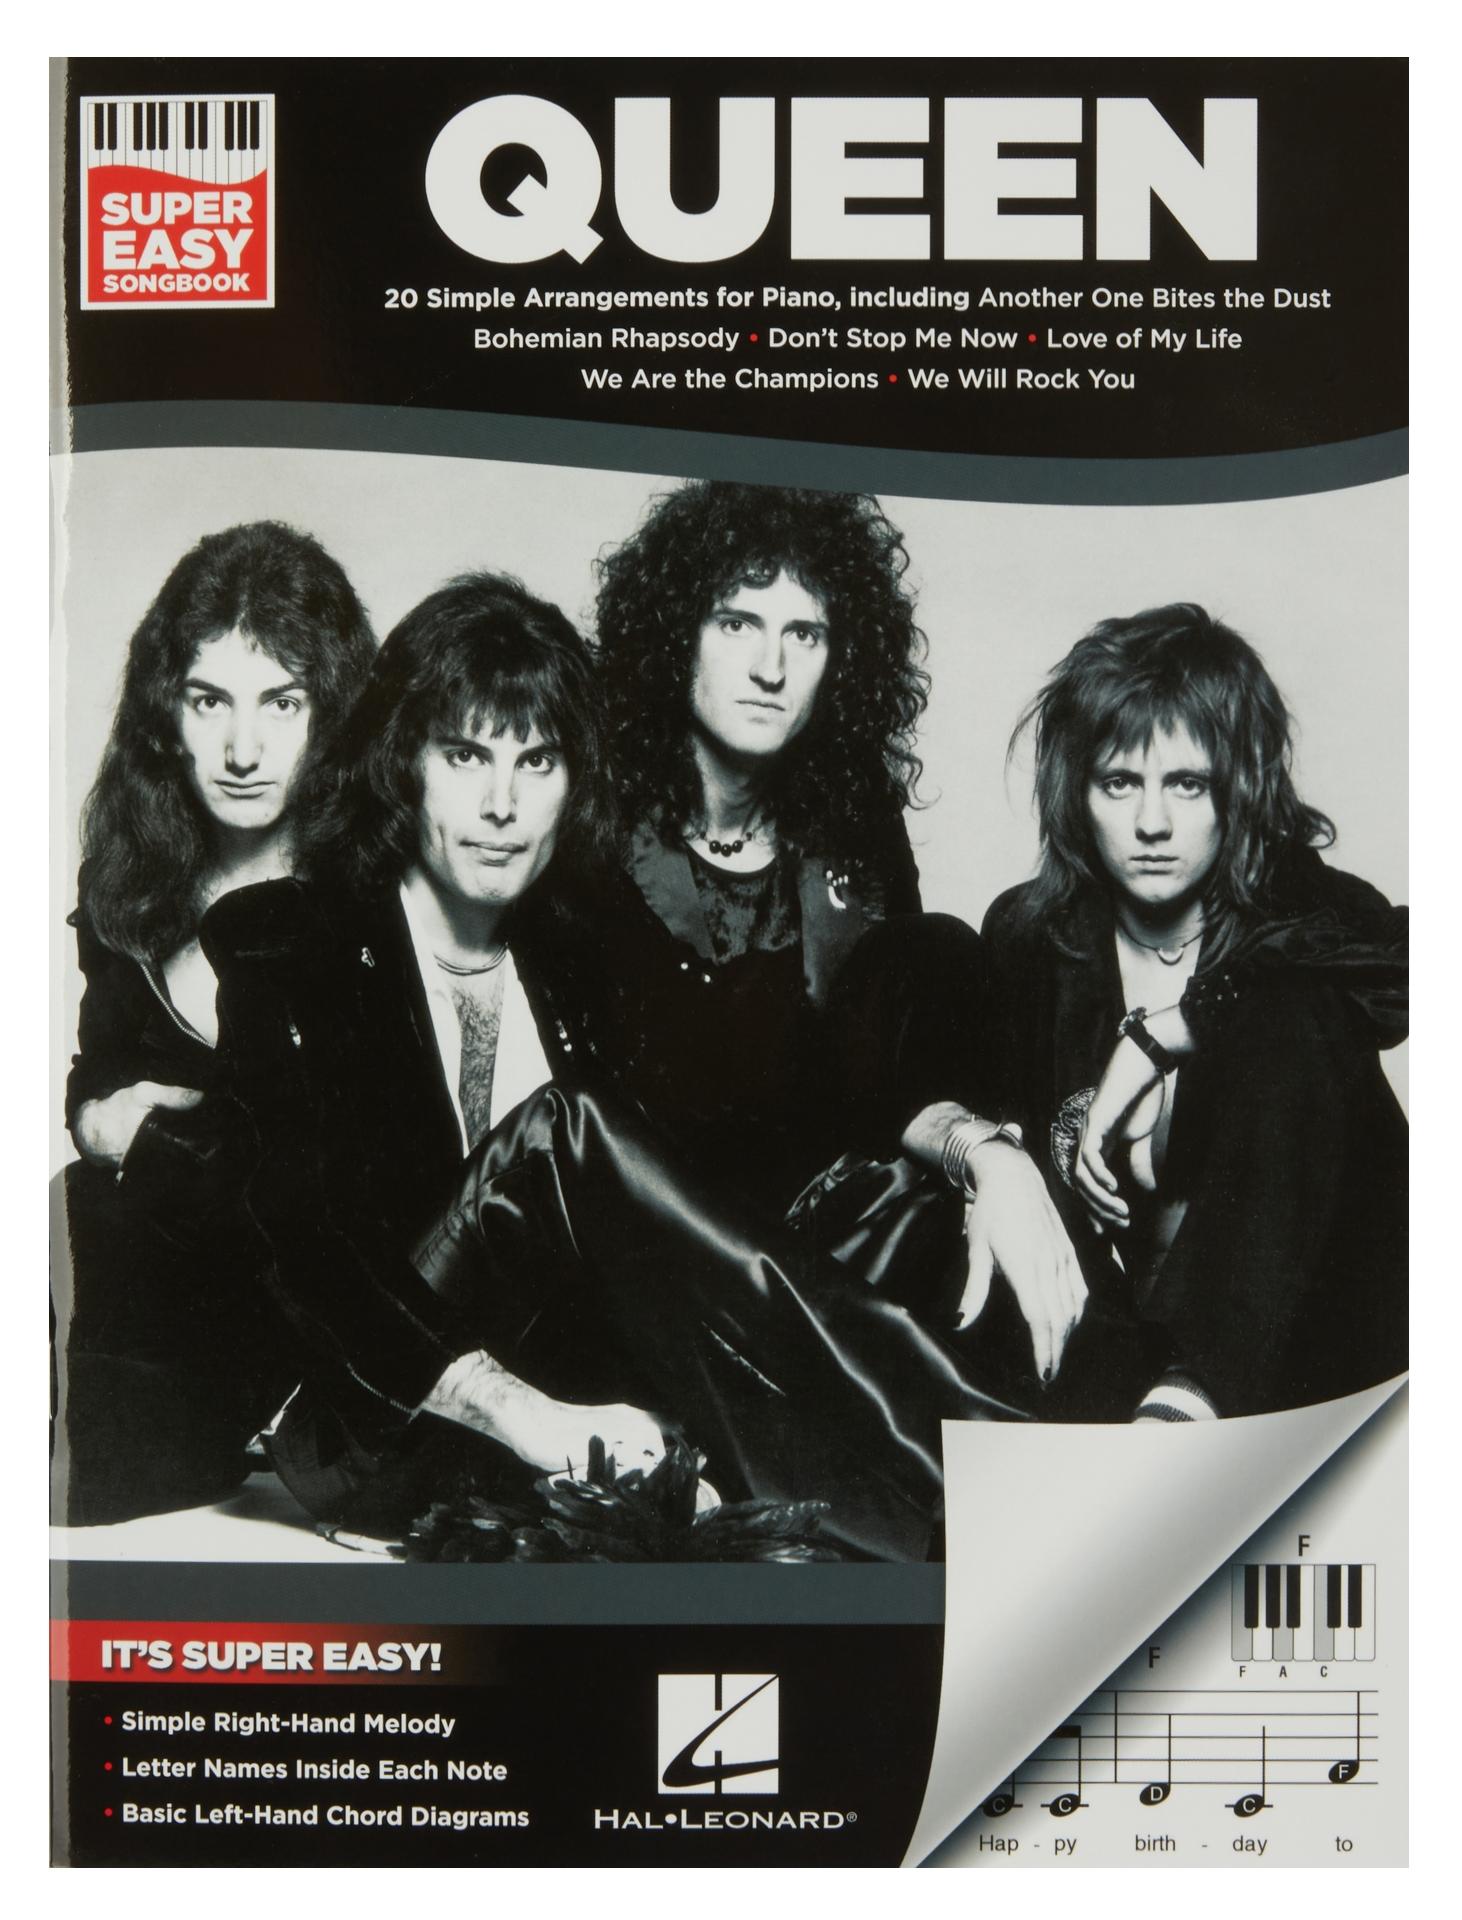 MS Super Easy Songbook - Queen